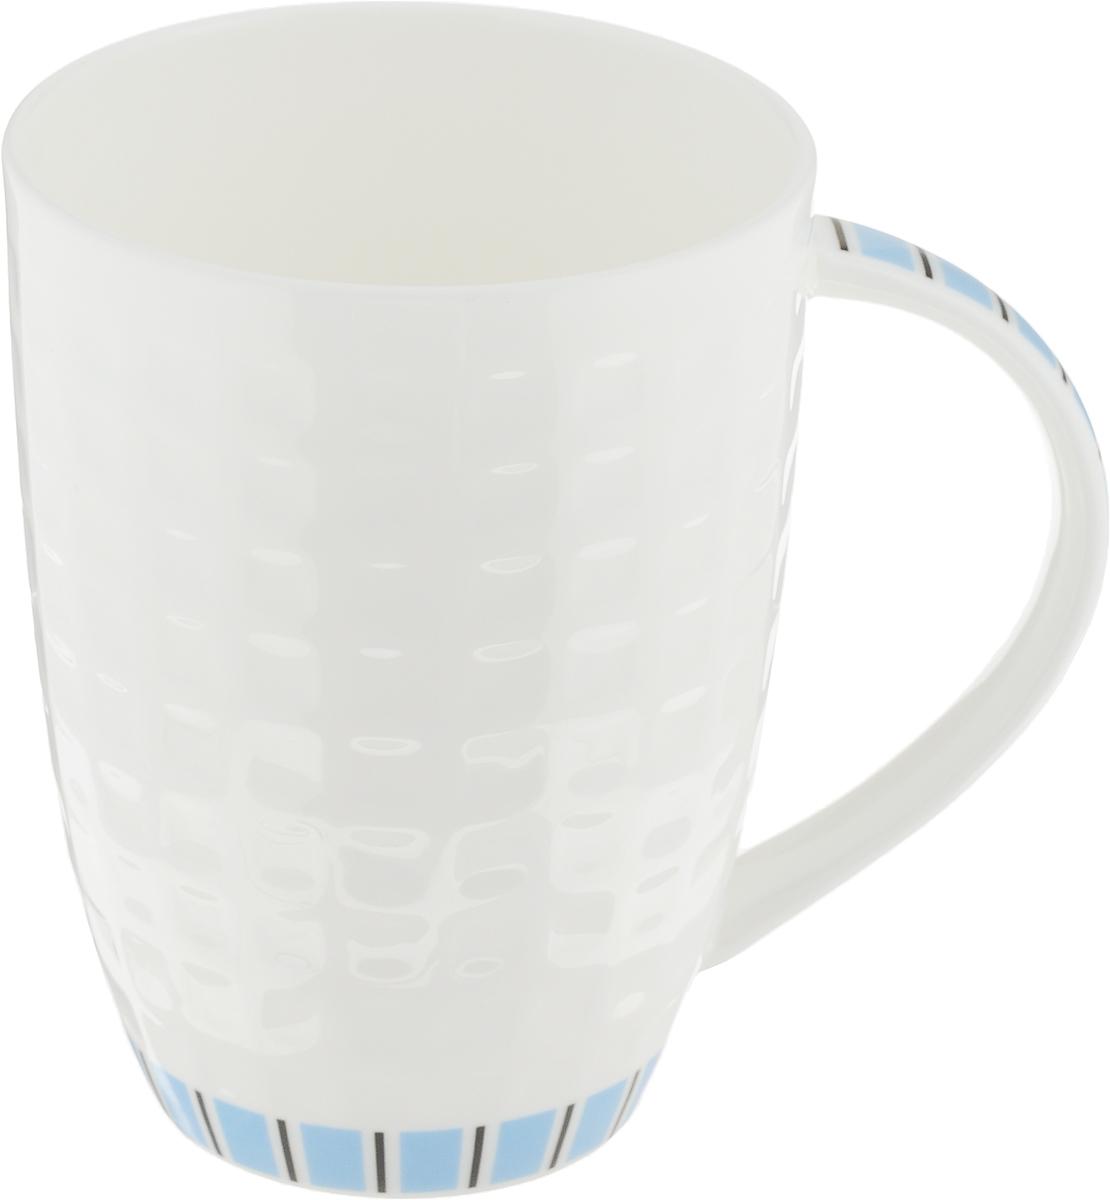 Кружка Royal Aurel Канфаэль, цвет: белый, голубой, 330 мл1101Фарфор Royal Aurel отличается исключительной белизной, что объясняется уникальными компонентами и традиционной технологией, по которой он был изготовлен. Белая глина из провинции Фуцзянь и традиционные рецепты китайских мастеров создают неповторимую композицию. Дизайн коллекций выполнен в соответствии с актуальными европейскими тенденциями. Материал: костяной фарфор.